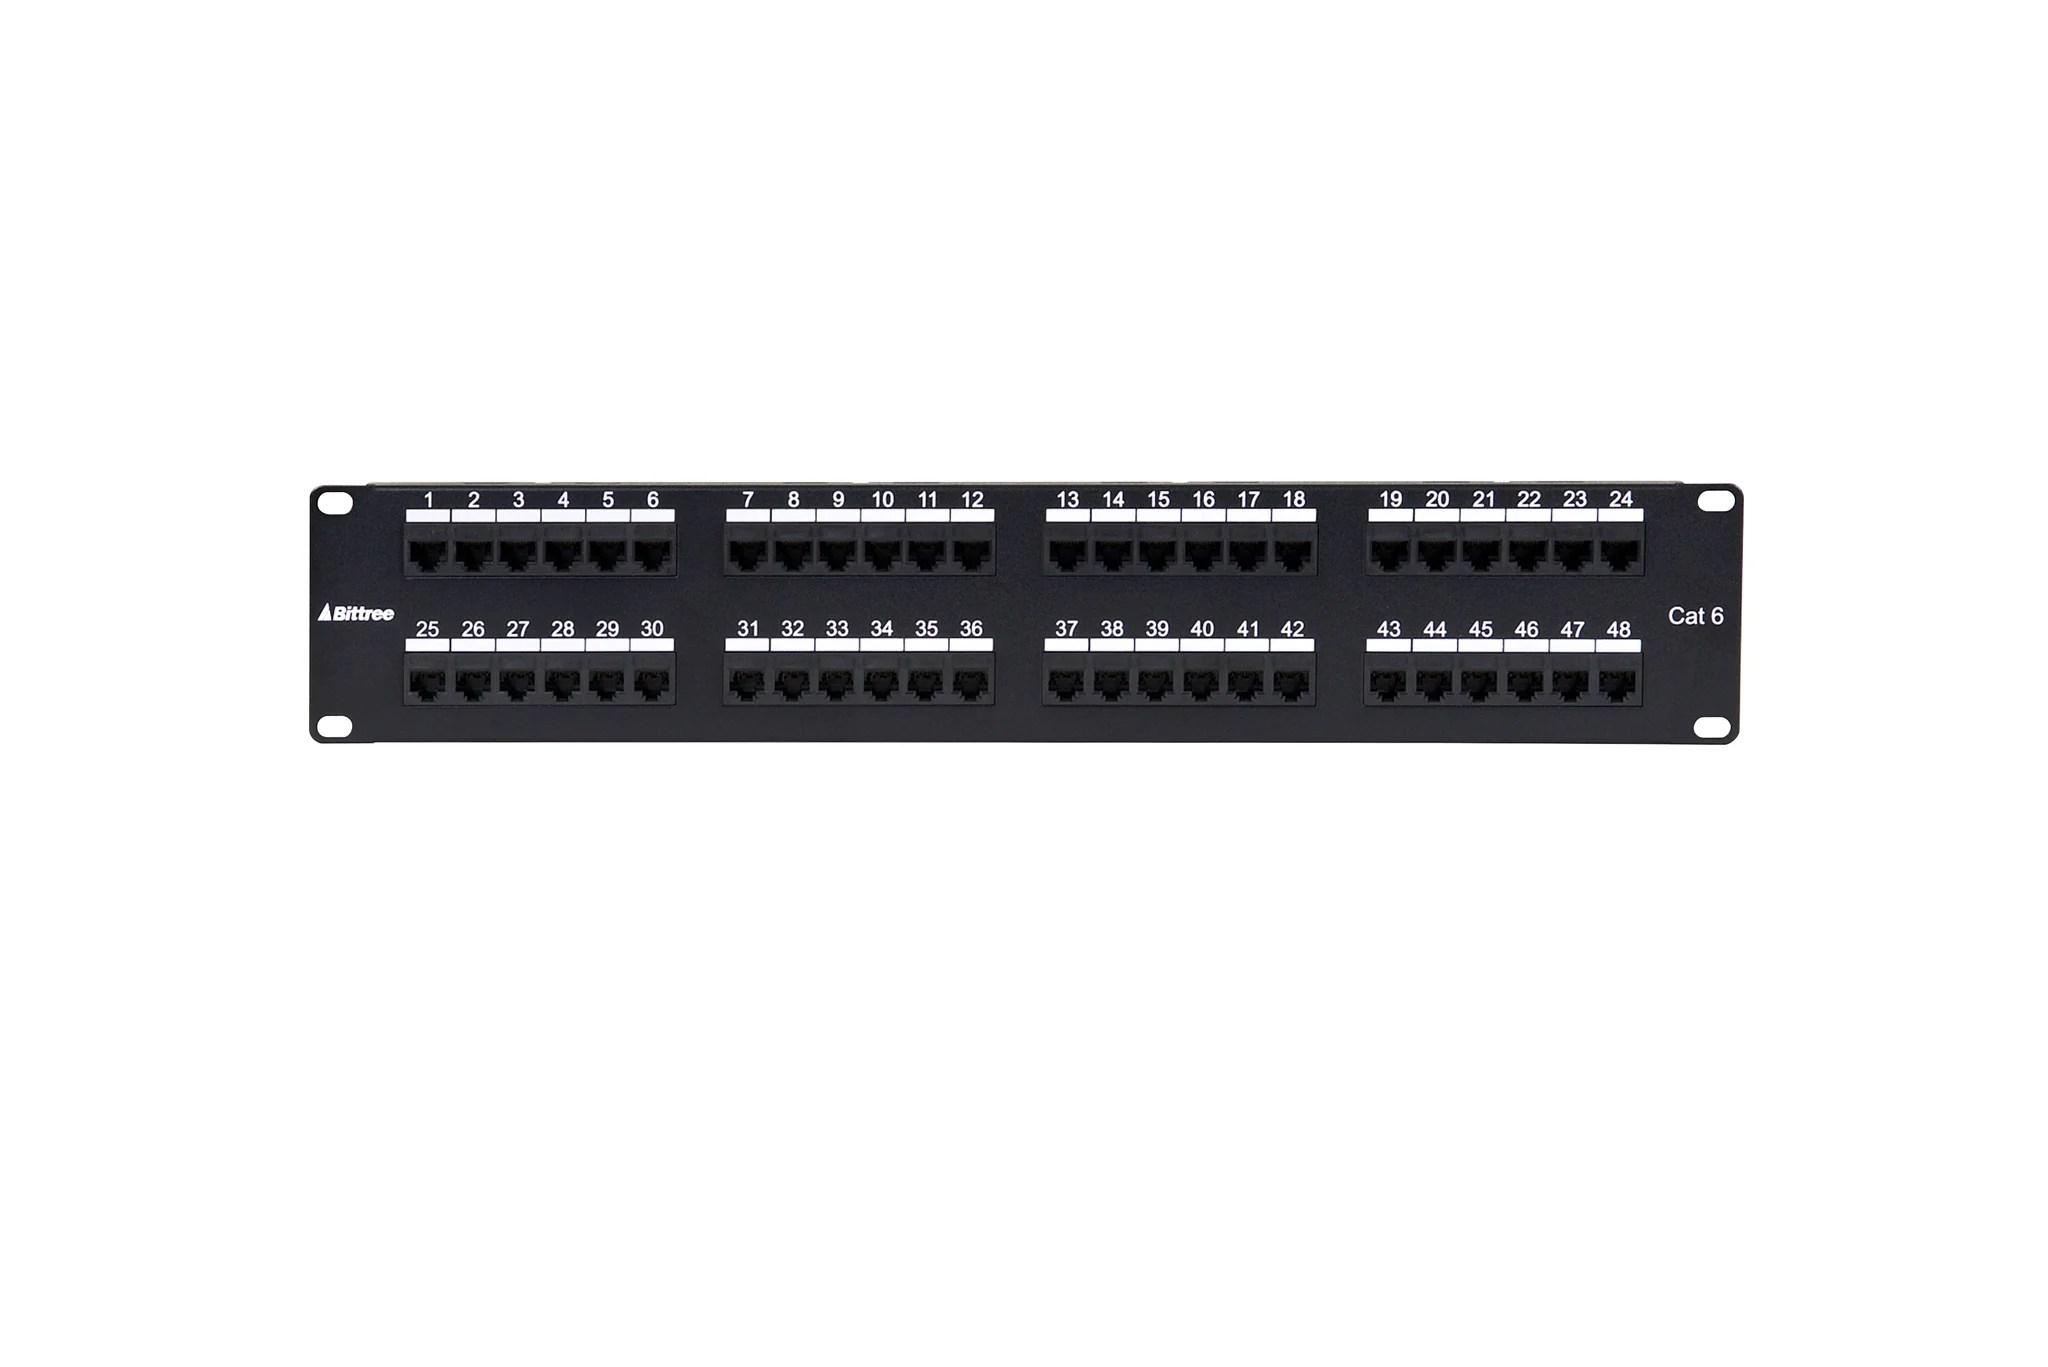 flush mount gigabit ethernet panel cat 6 110 punchdown unshielded 2x24  [ 2048 x 1367 Pixel ]